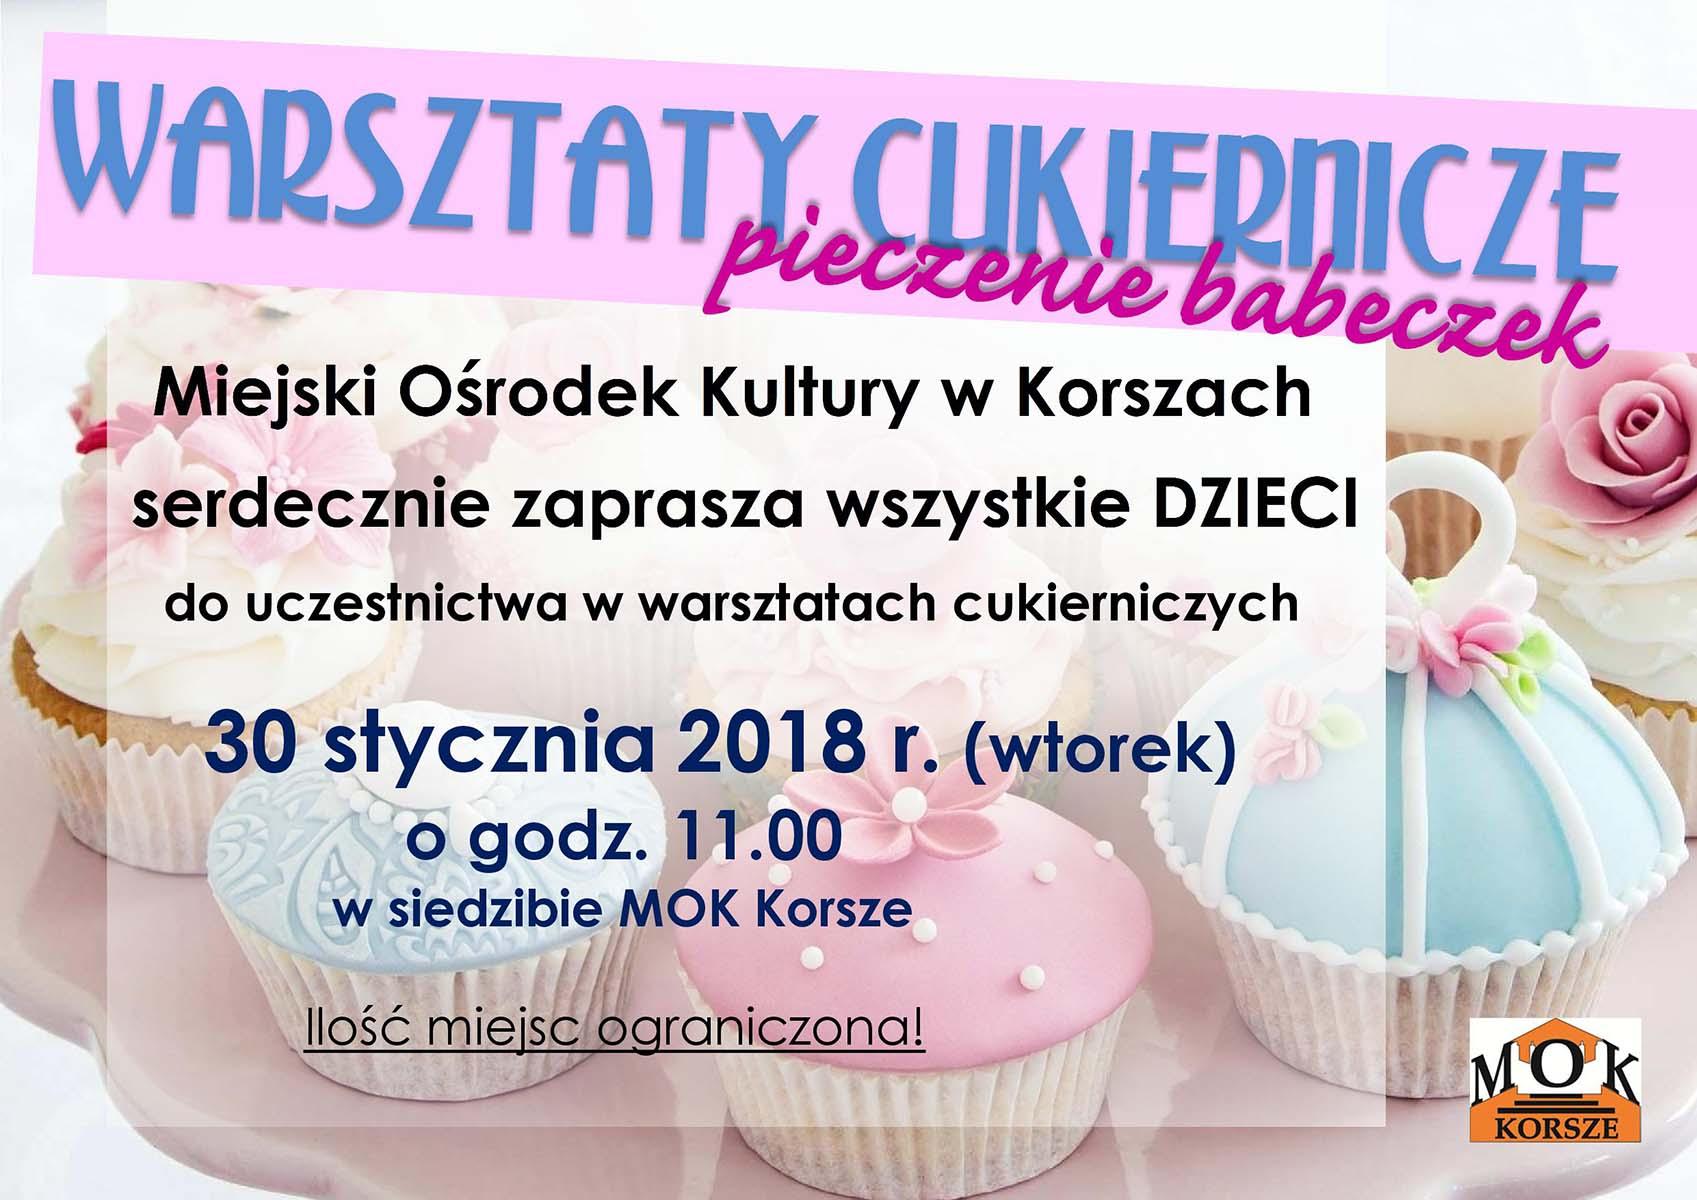 http://m.wm.pl/2018/01/orig/0000003062-warsztaty-cukiernicze-441506.jpg